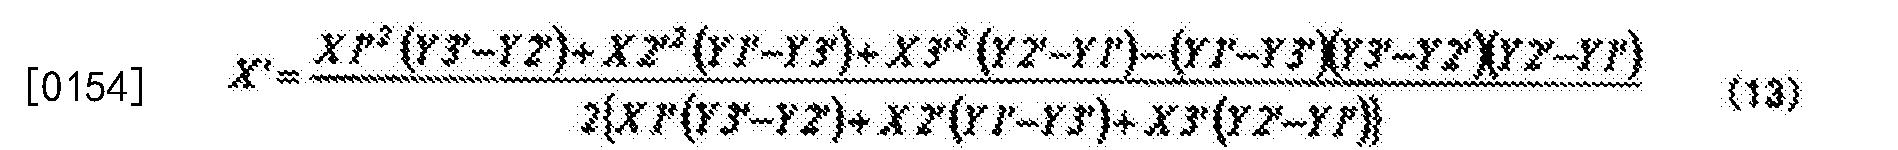 Figure CN104867856BD00174